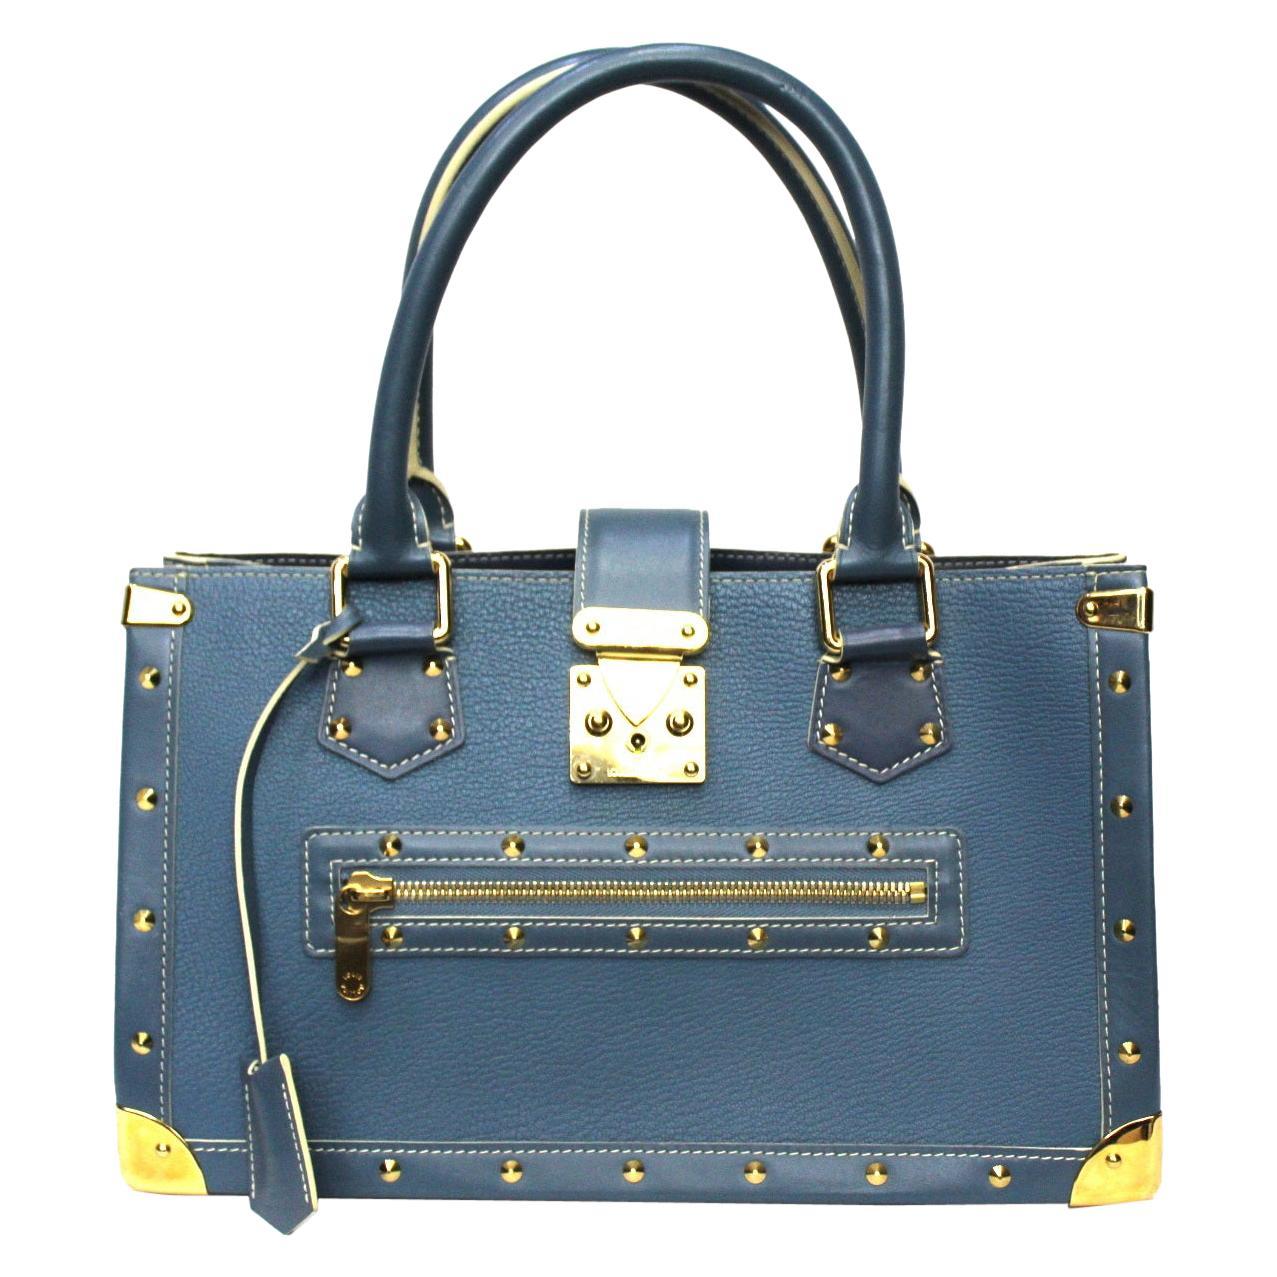 Louis Vuitton Blu Leather Suhali le Fabuleaux Bag